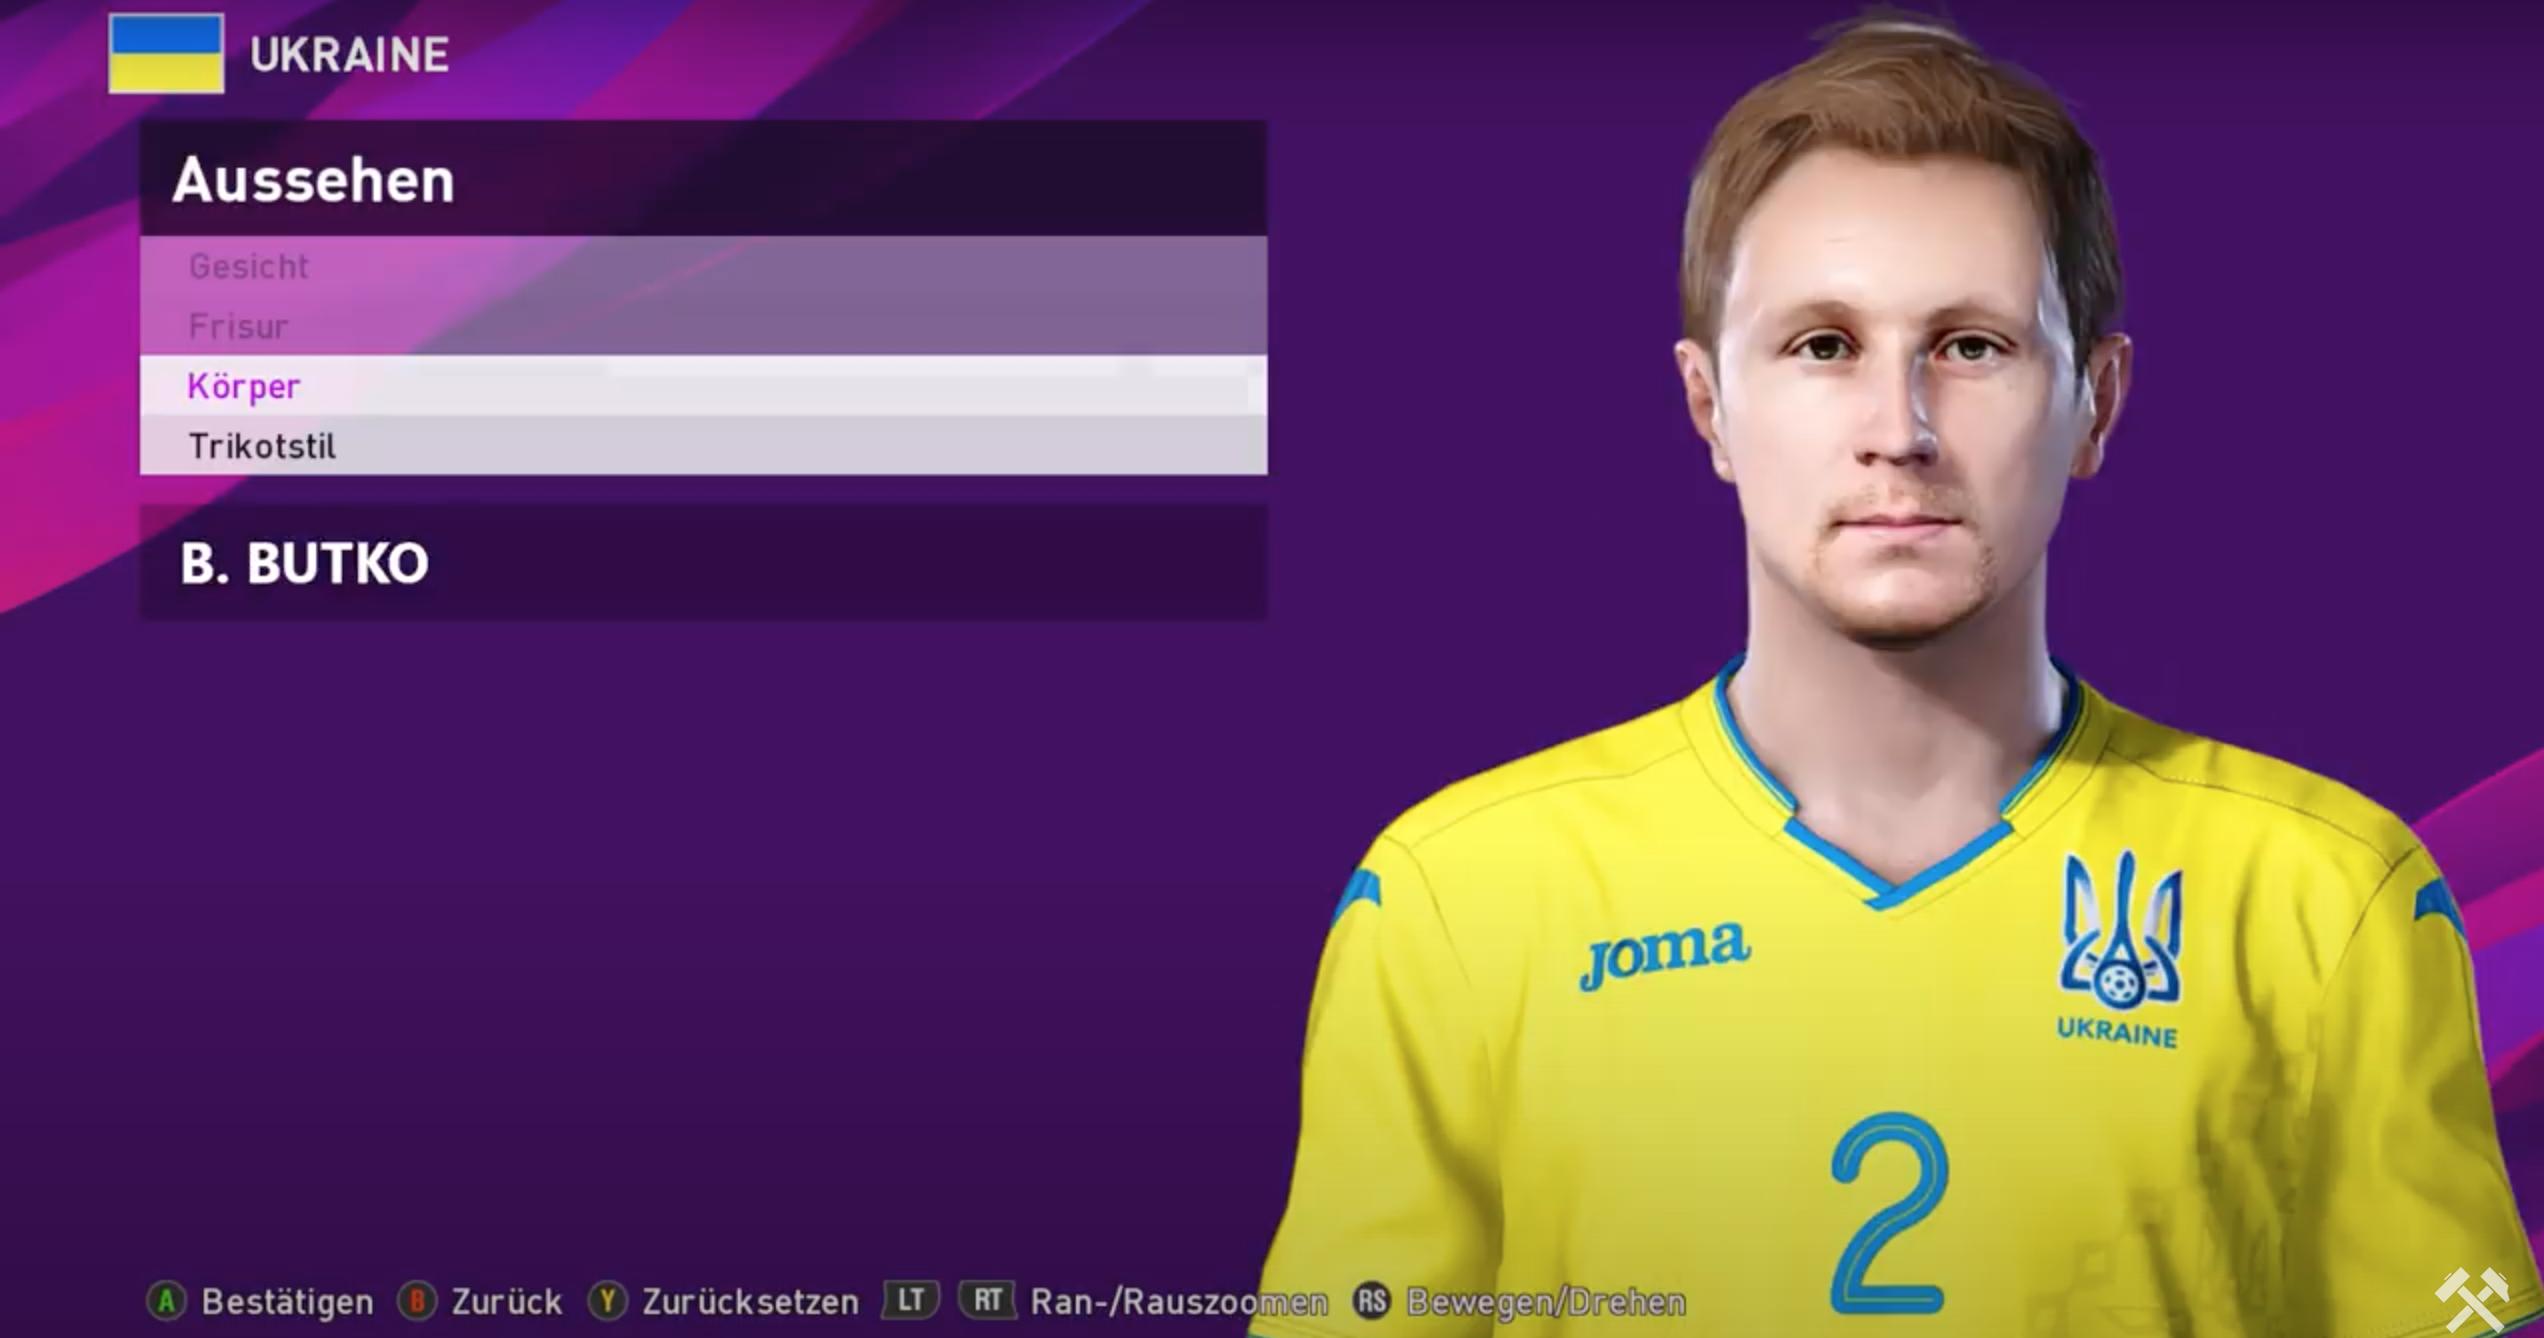 Лунин, Миколенко, Малиновский, Яремчук, Коваленко и еще 5 игроков сборной Украины получили реальные фейсы в PES 2020 - изображение 2